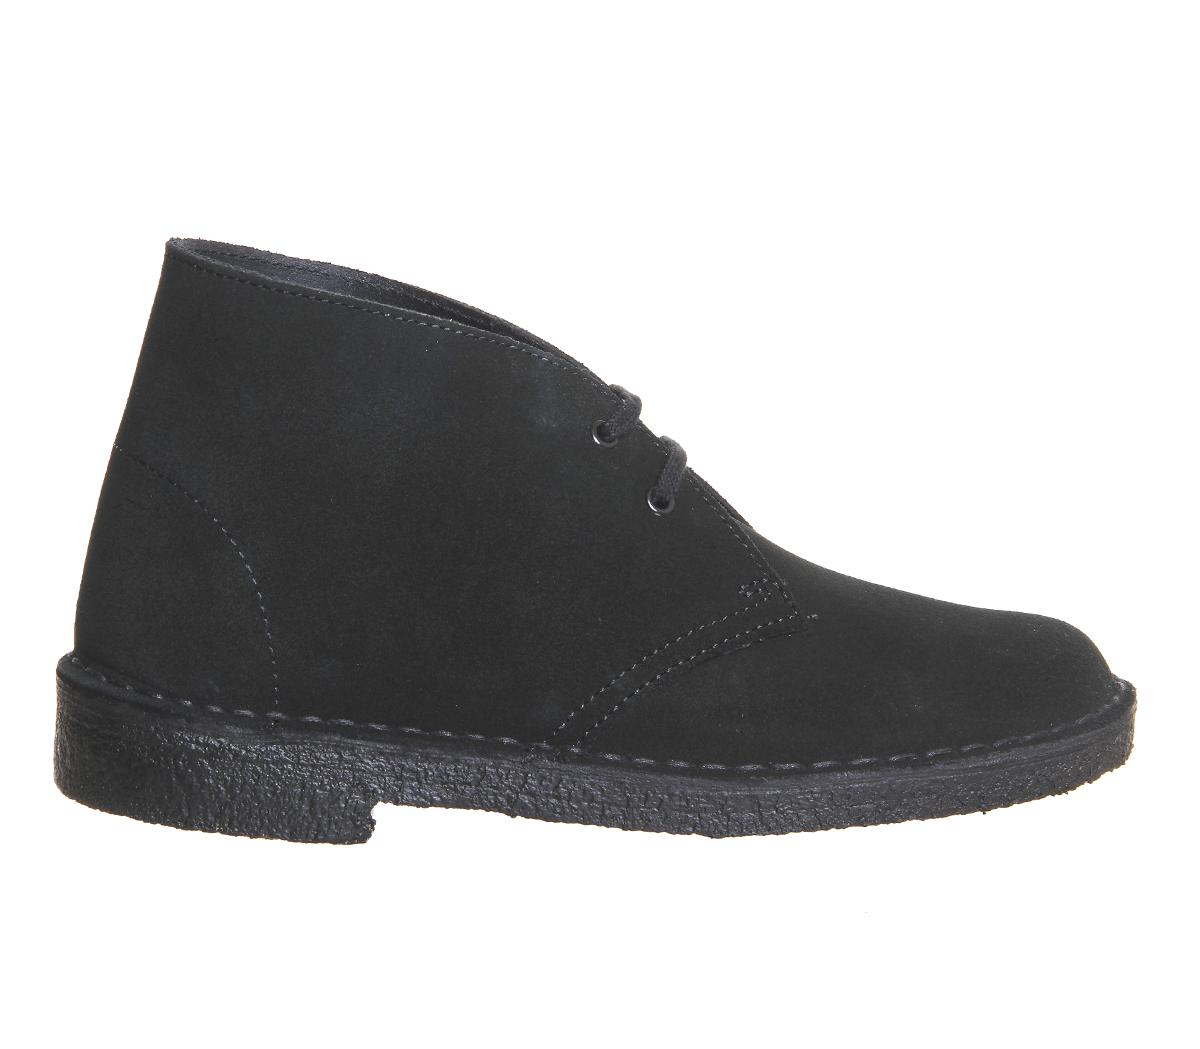 chaussures femme clarks originals desert boots en daim noir bottes ebay. Black Bedroom Furniture Sets. Home Design Ideas